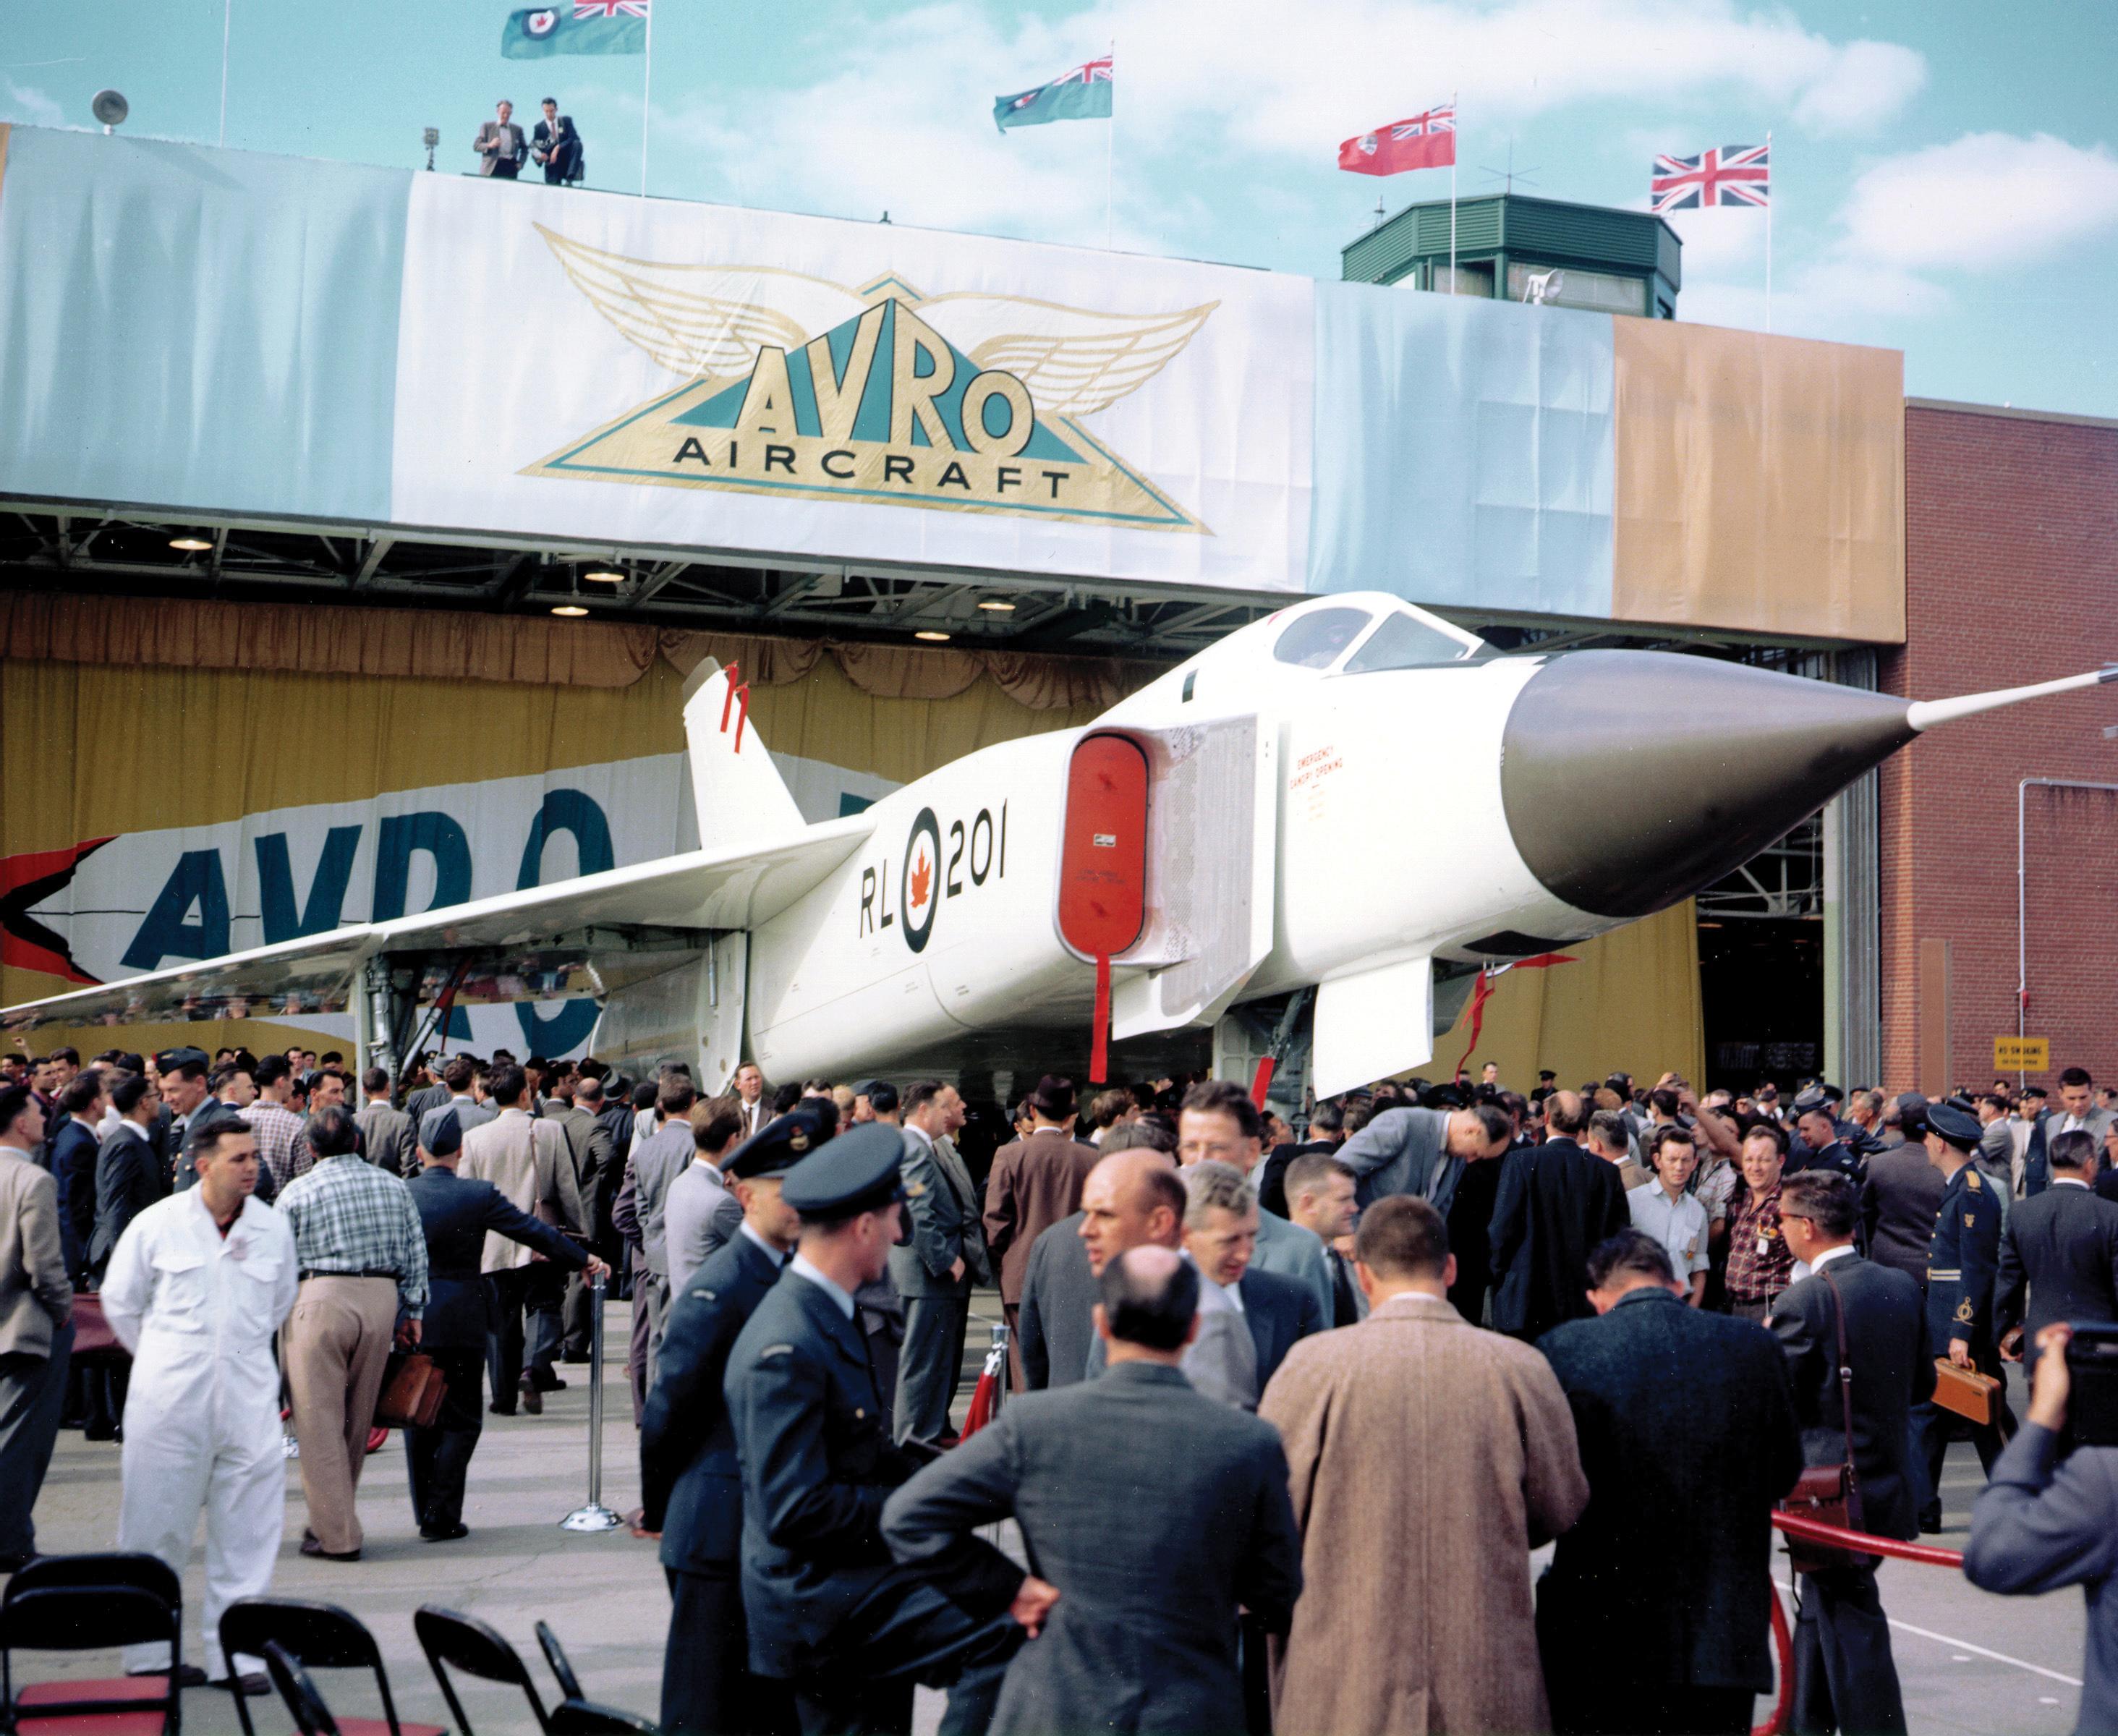 """Scan from print PCN 219 Malton, Ontario 4 October 1957 3/4 front right side view of a CF105 Jet Fighter Aircraft """"Avro Arrow"""" in Malton Ontario at the Avro Arrow Indusries Hangar. Digitalisation d'une épreuve PCN 219 Malton, Ontario 4 Octobre 1957 Vue de 3/4 de l'avant droit d'un avion de combat des Forces Canadienne (FC) de type """"CF105 Avro Arrow"""" au hangar d'aviation des industries de construction ''Avro Arrow'' à Malton, Ontario."""